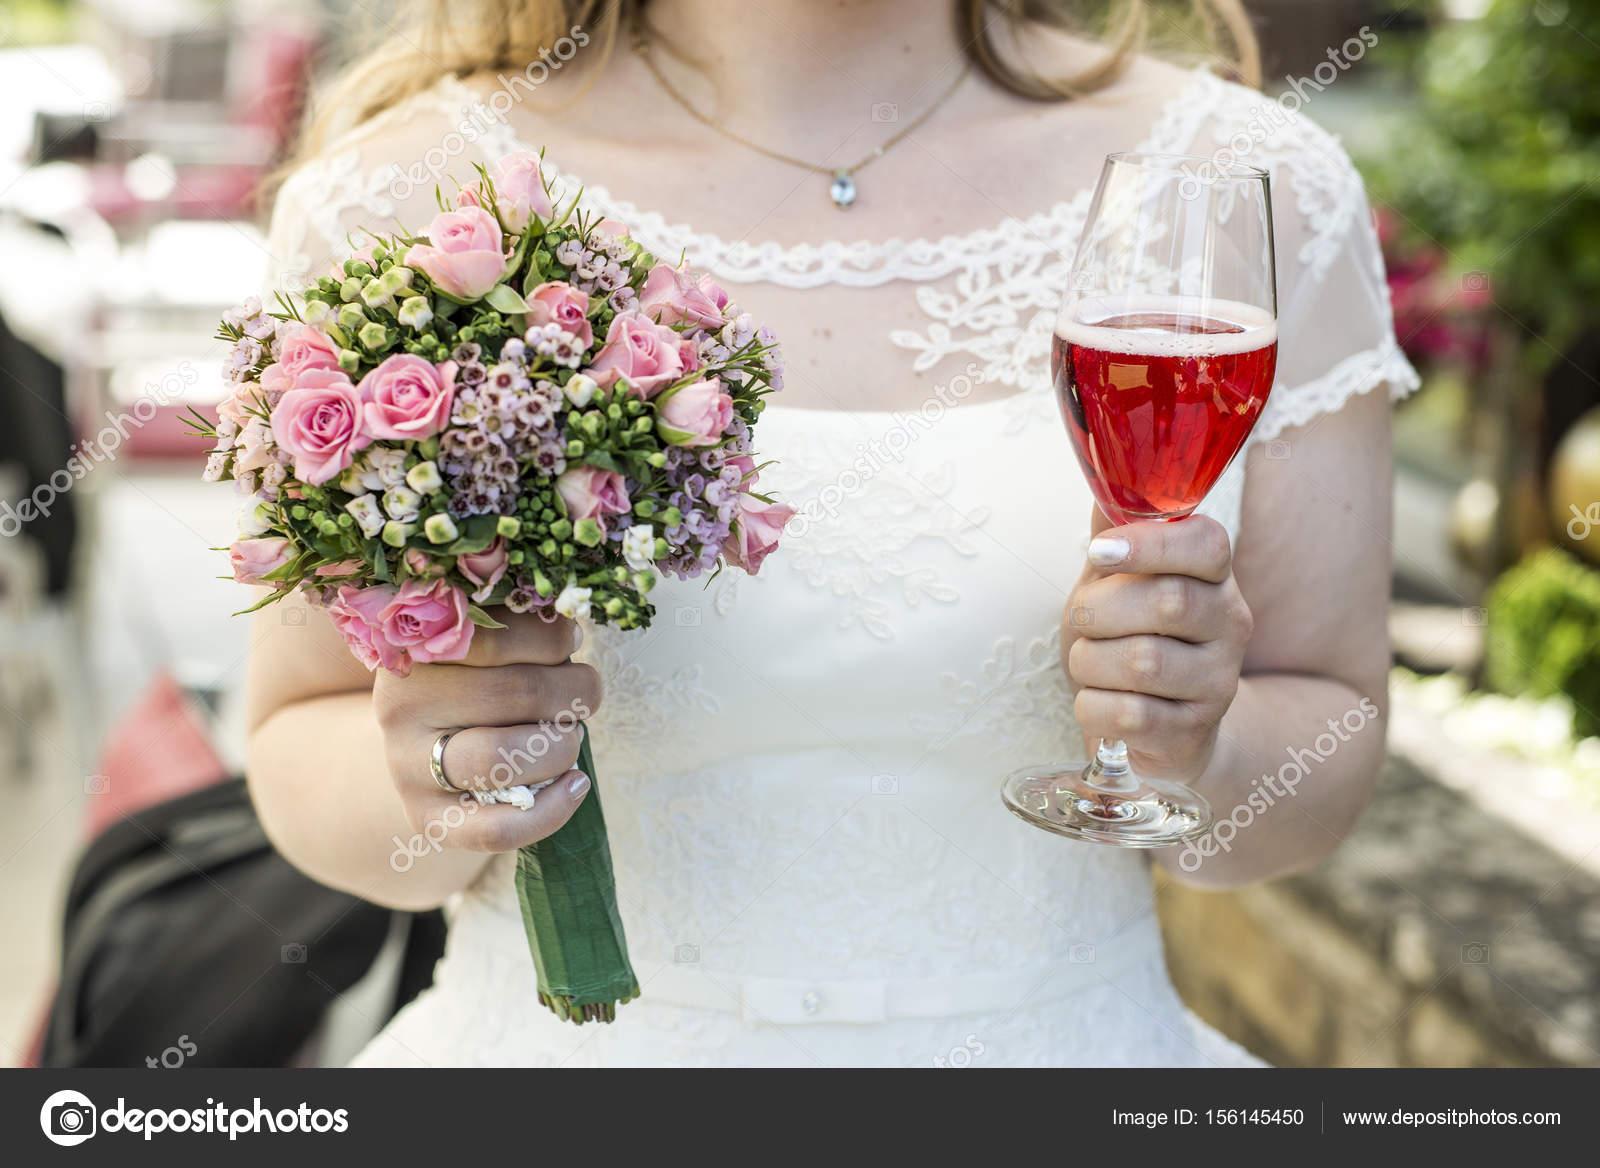 921a55f8fef9 Bruden håller bukett blommor och ett glas vin närbild bröllop äktenskap–  stockbild